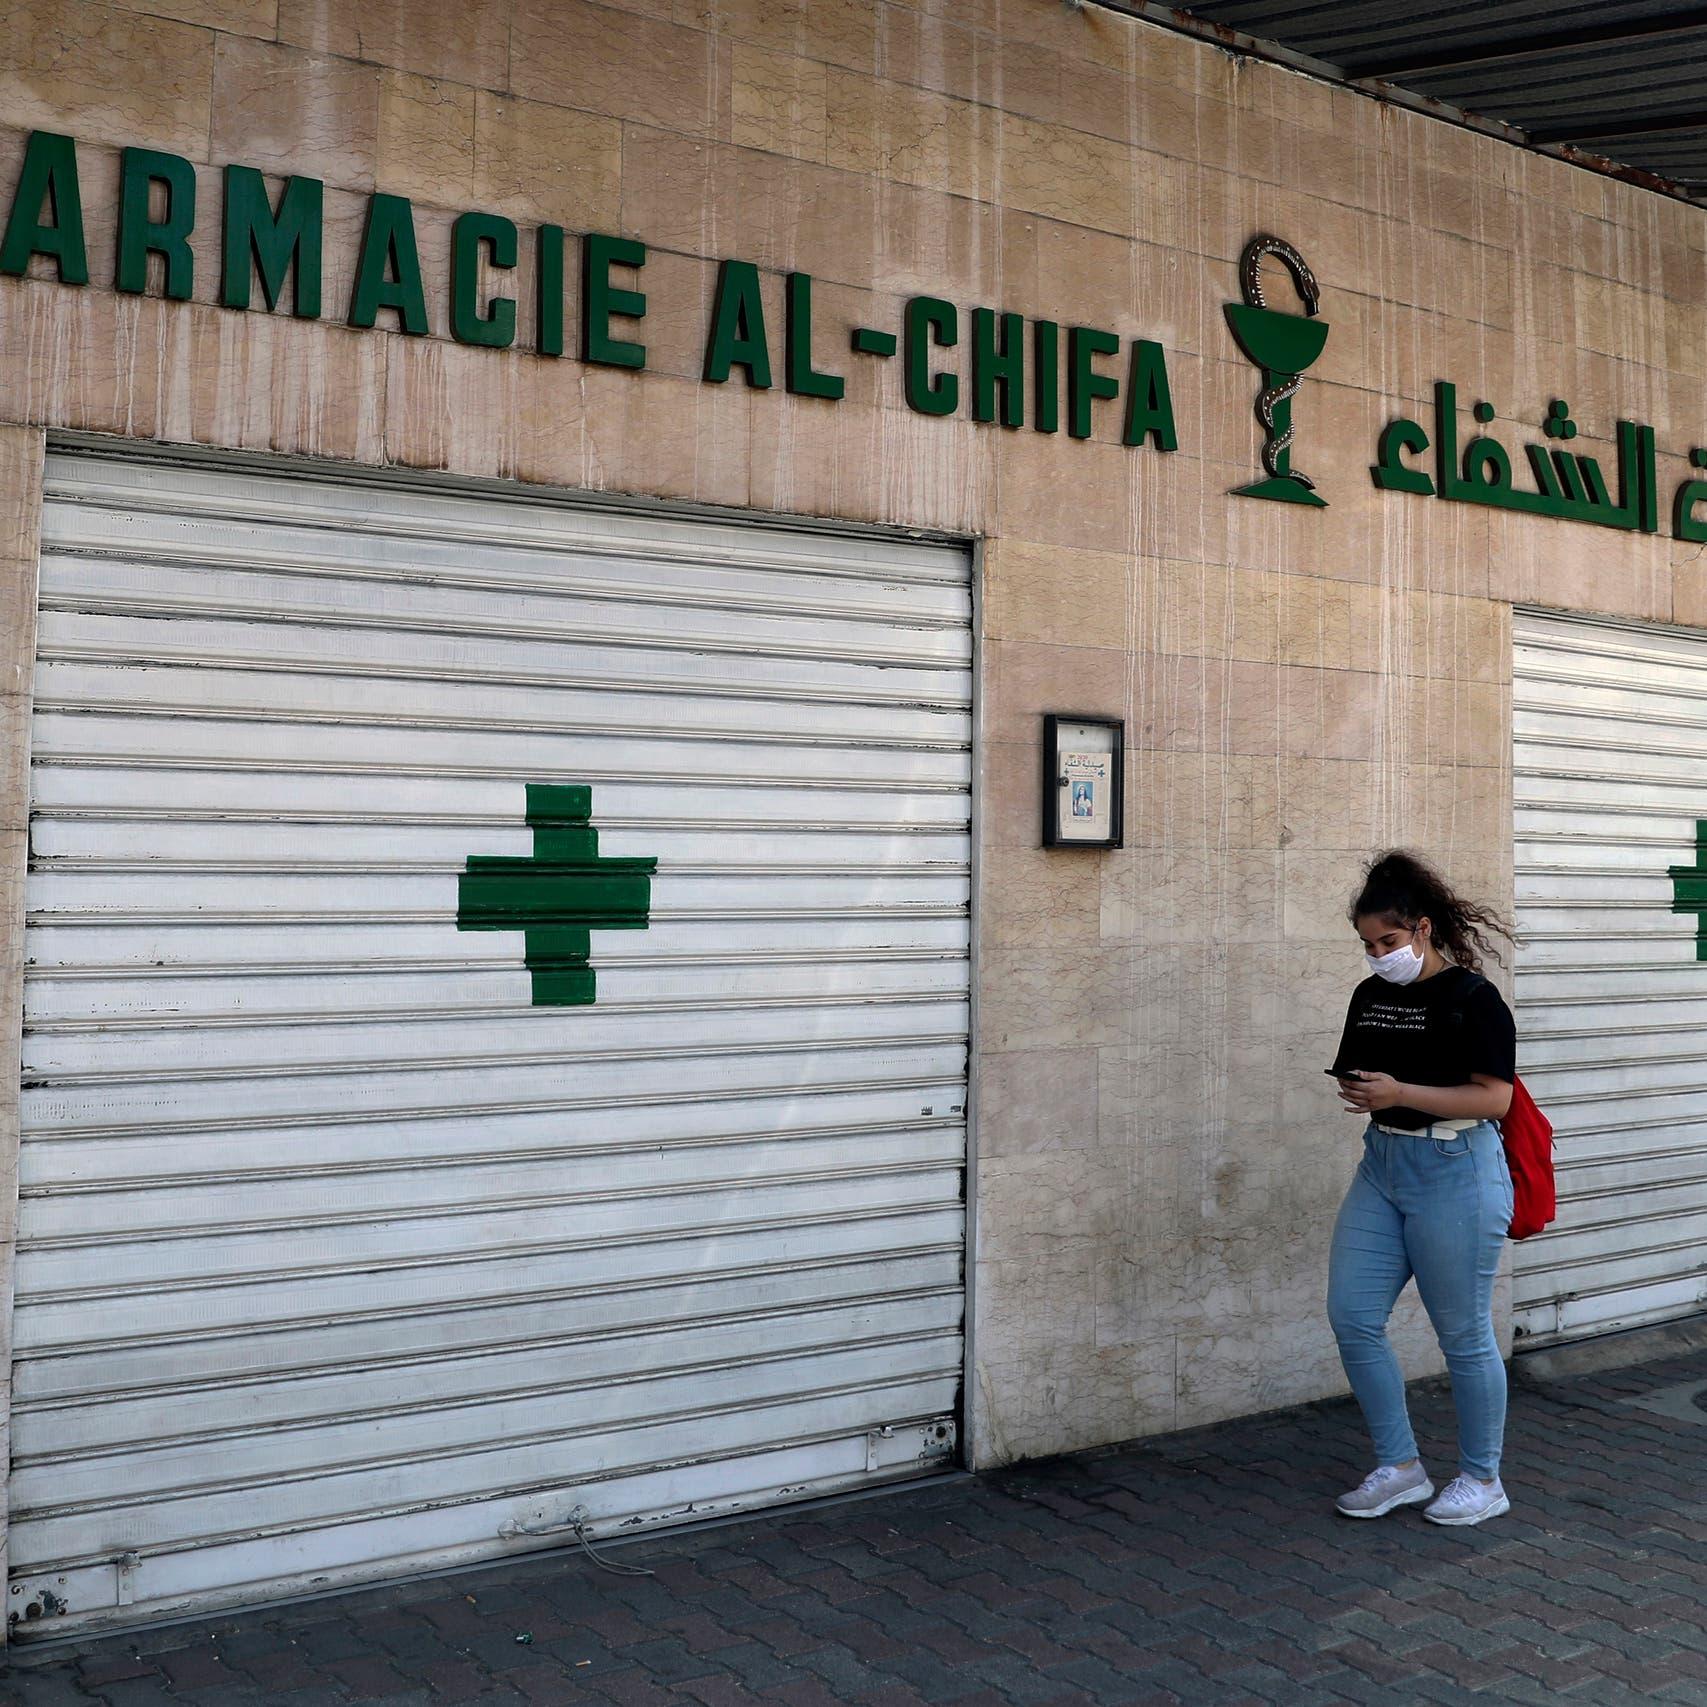 Period poverty on the rise as Lebanon's economic crisis worsens